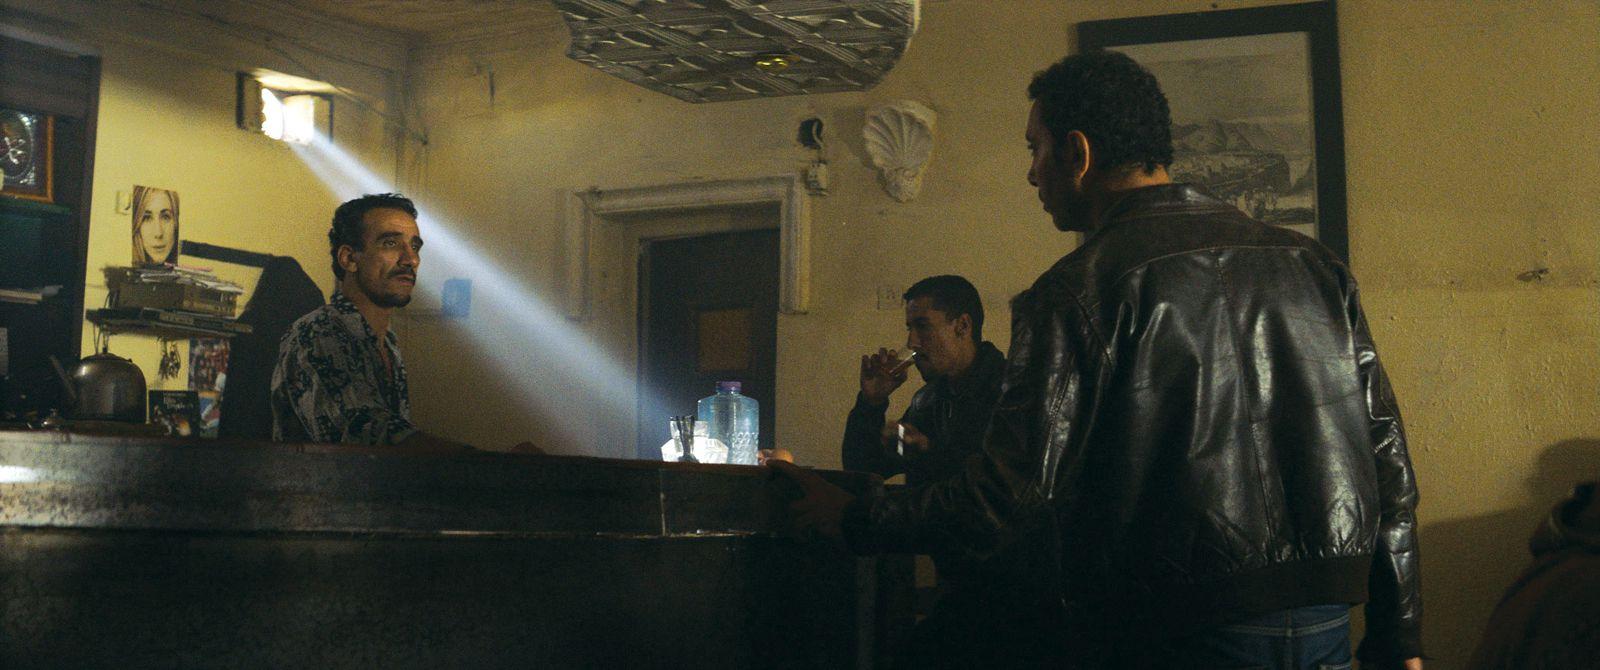 Abou Leila (BANDE-ANNONCE) de Amin Sidi-Boumedine - Le 15 juillet 2020 au cinéma